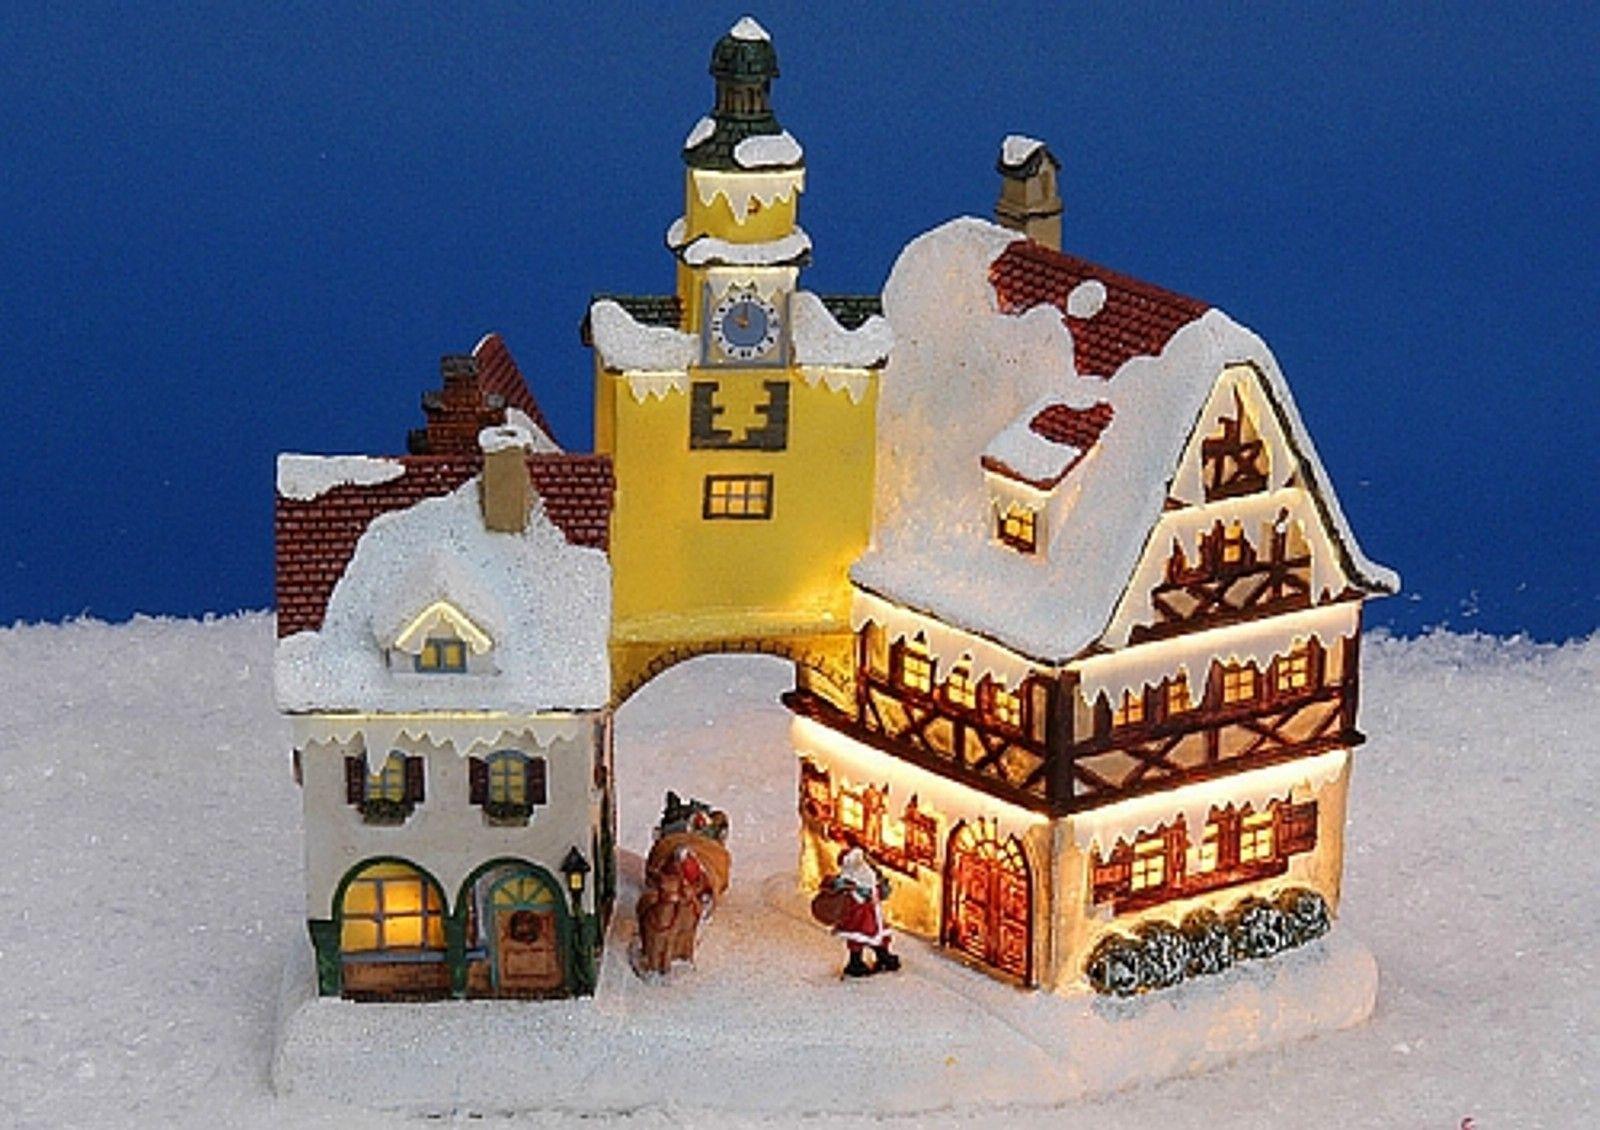 Lichthaus G Wurm Winterdorf Lichtkirche Deko Haus Painting Vesta Art